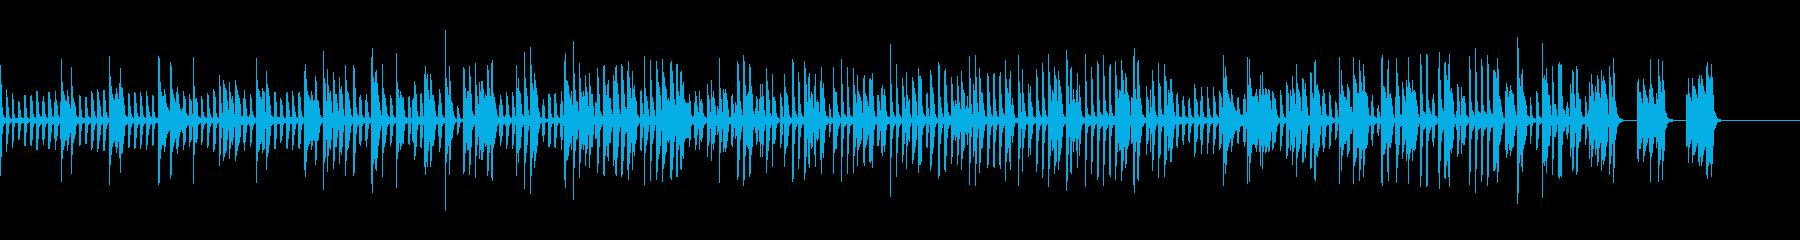 ピアノのみクラブ・バー風のJAZZの再生済みの波形